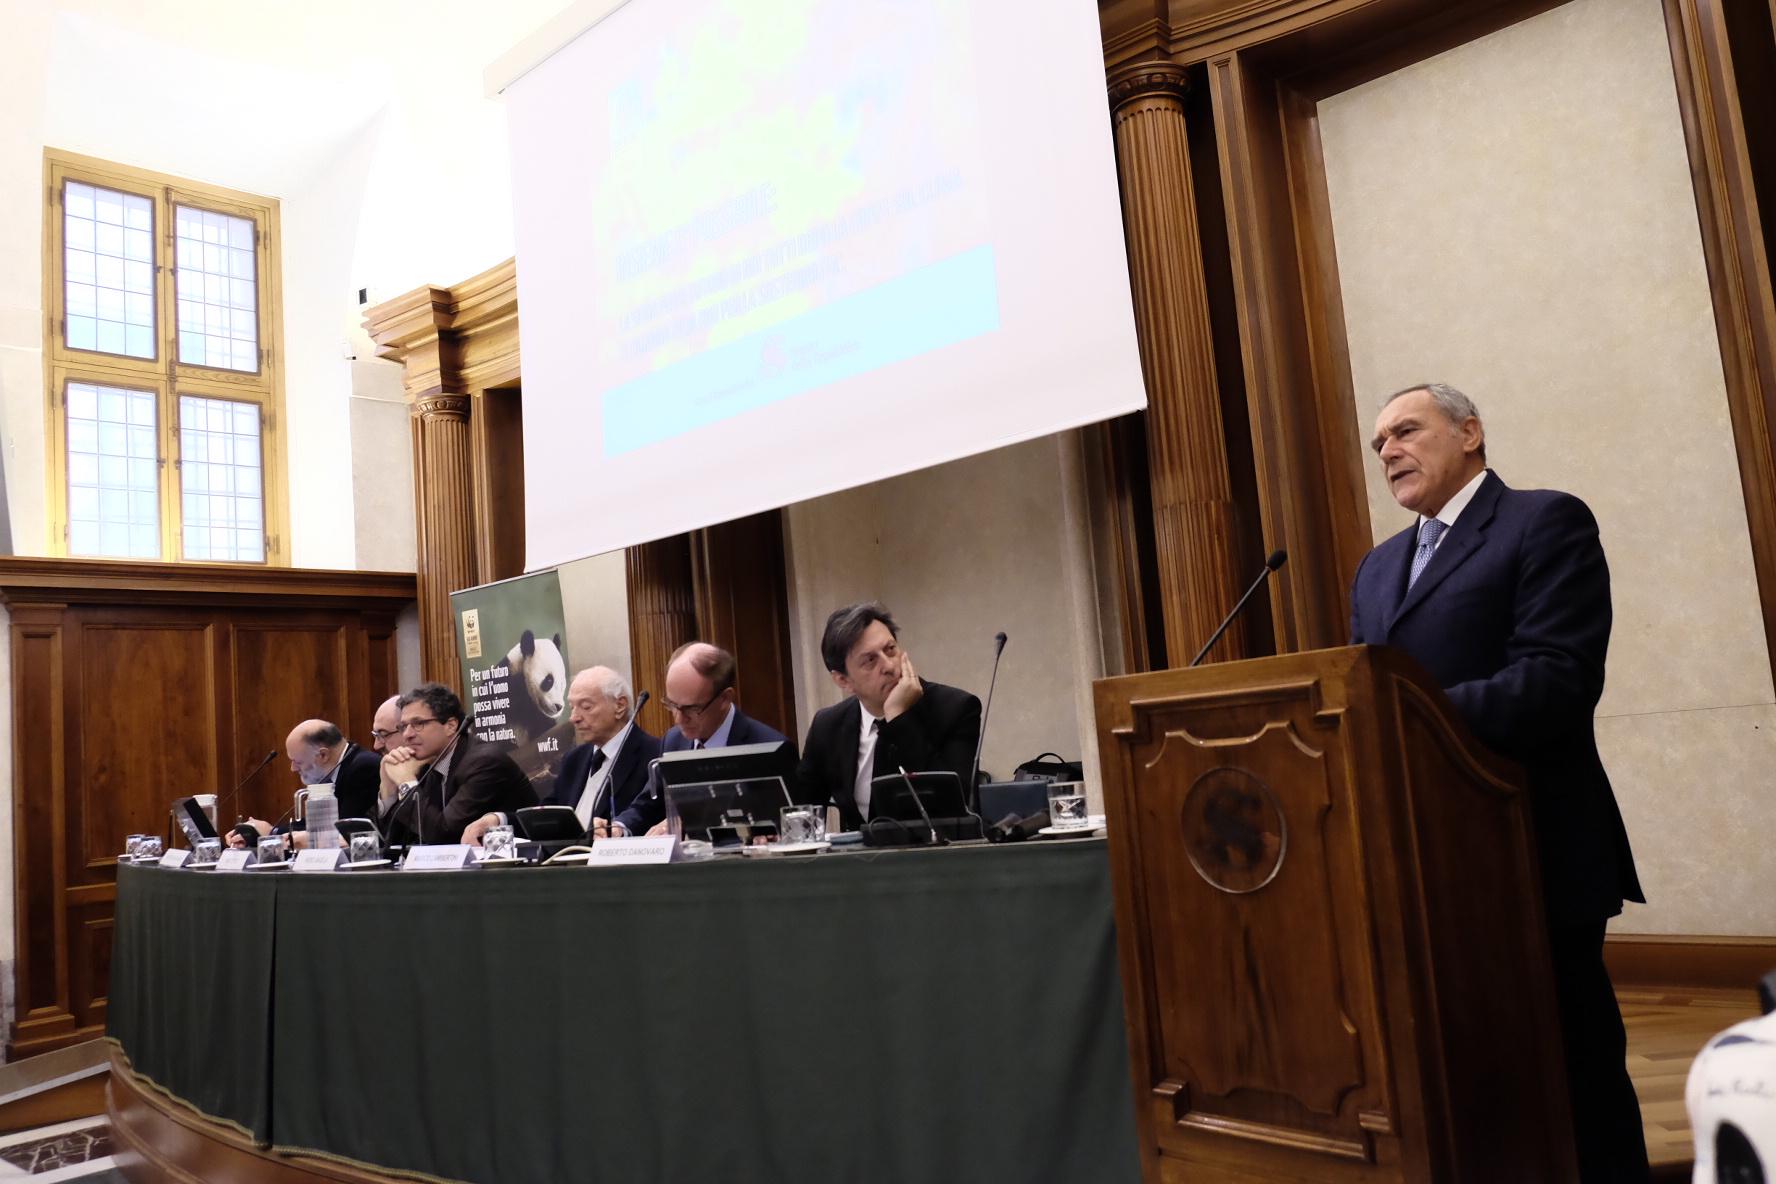 107522 palco grasso senato newsgate for Senato italia